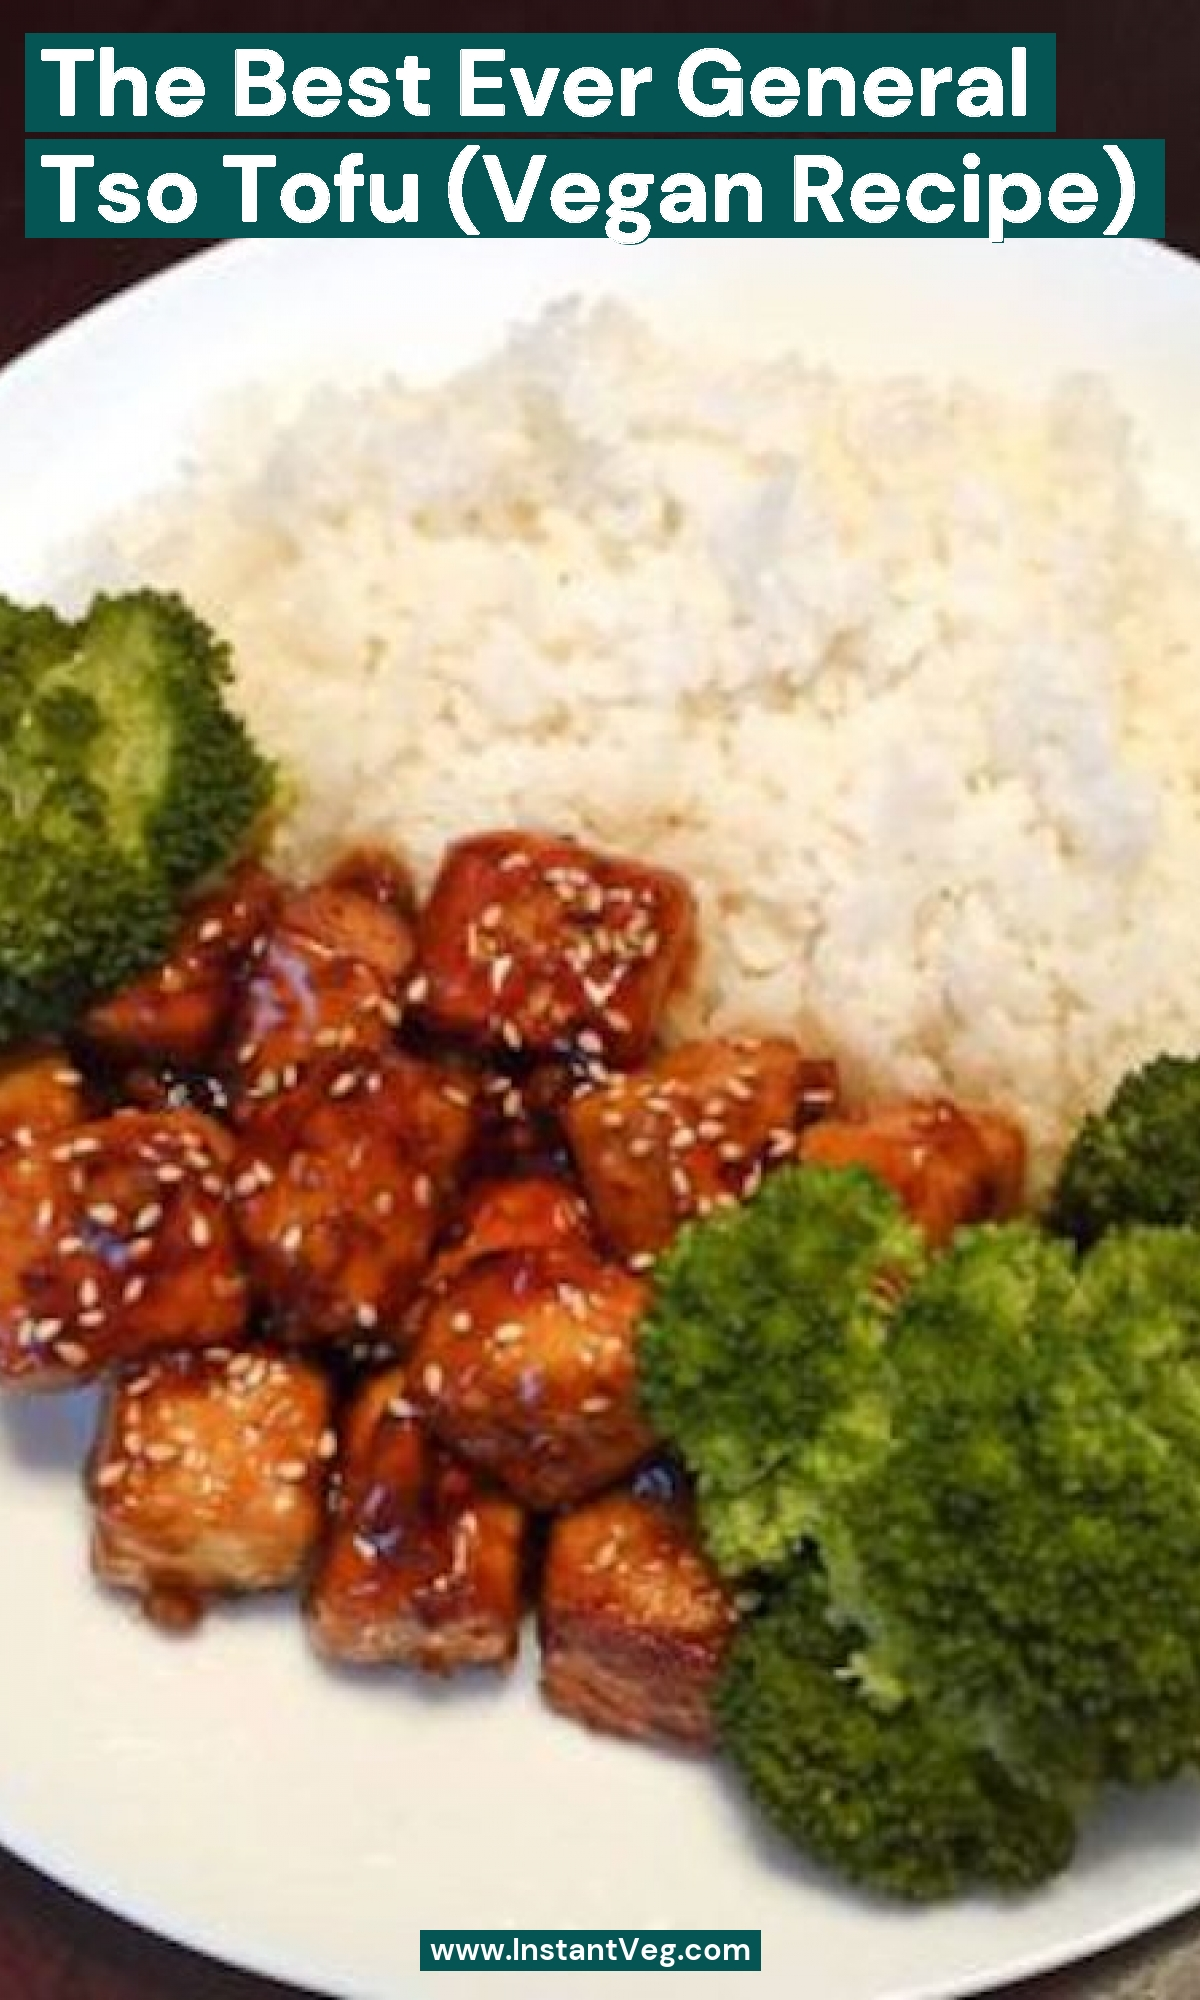 The Best Ever General Tso Tofu (Vegan Recipe)